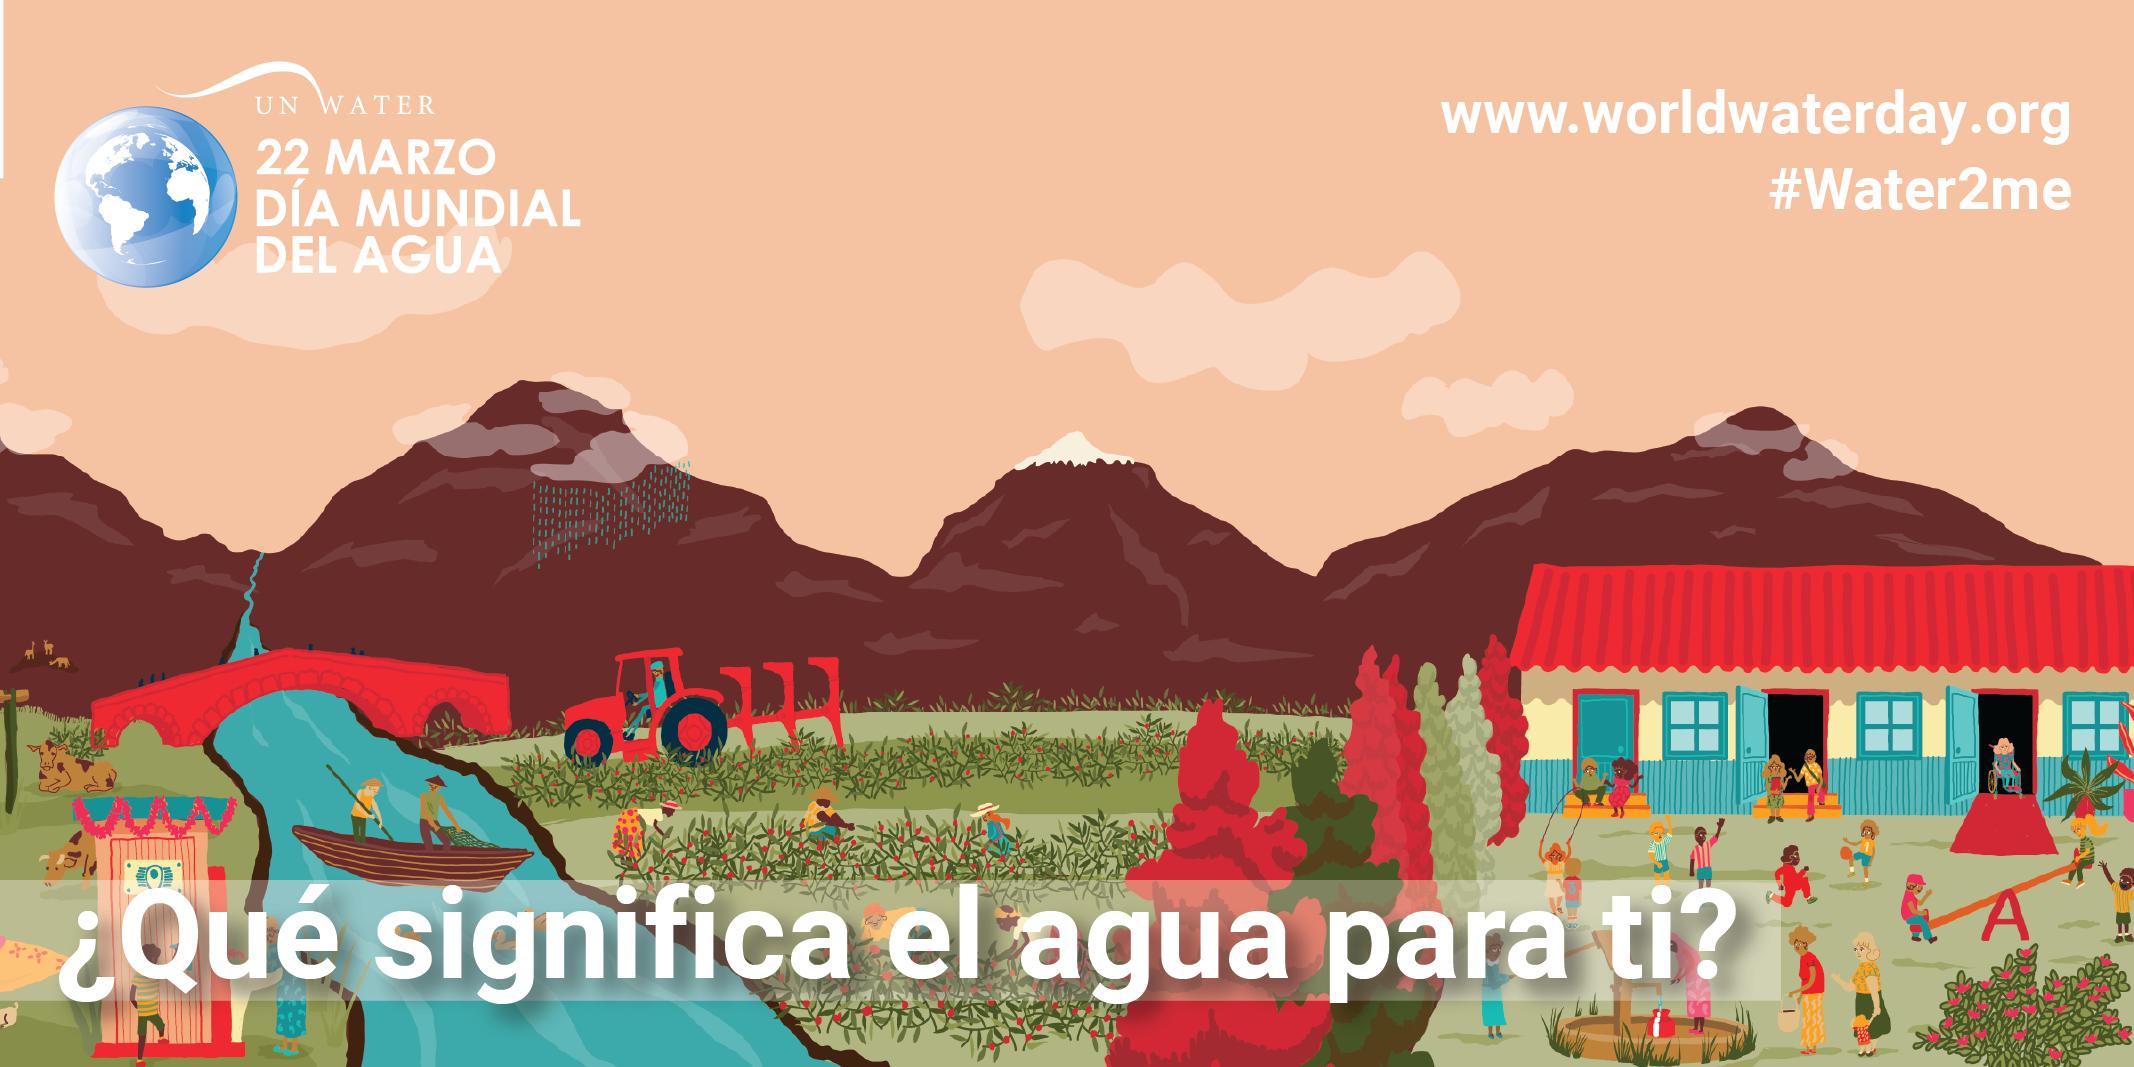 22 de marzo, Día Mundial del Agua. El valor del agua